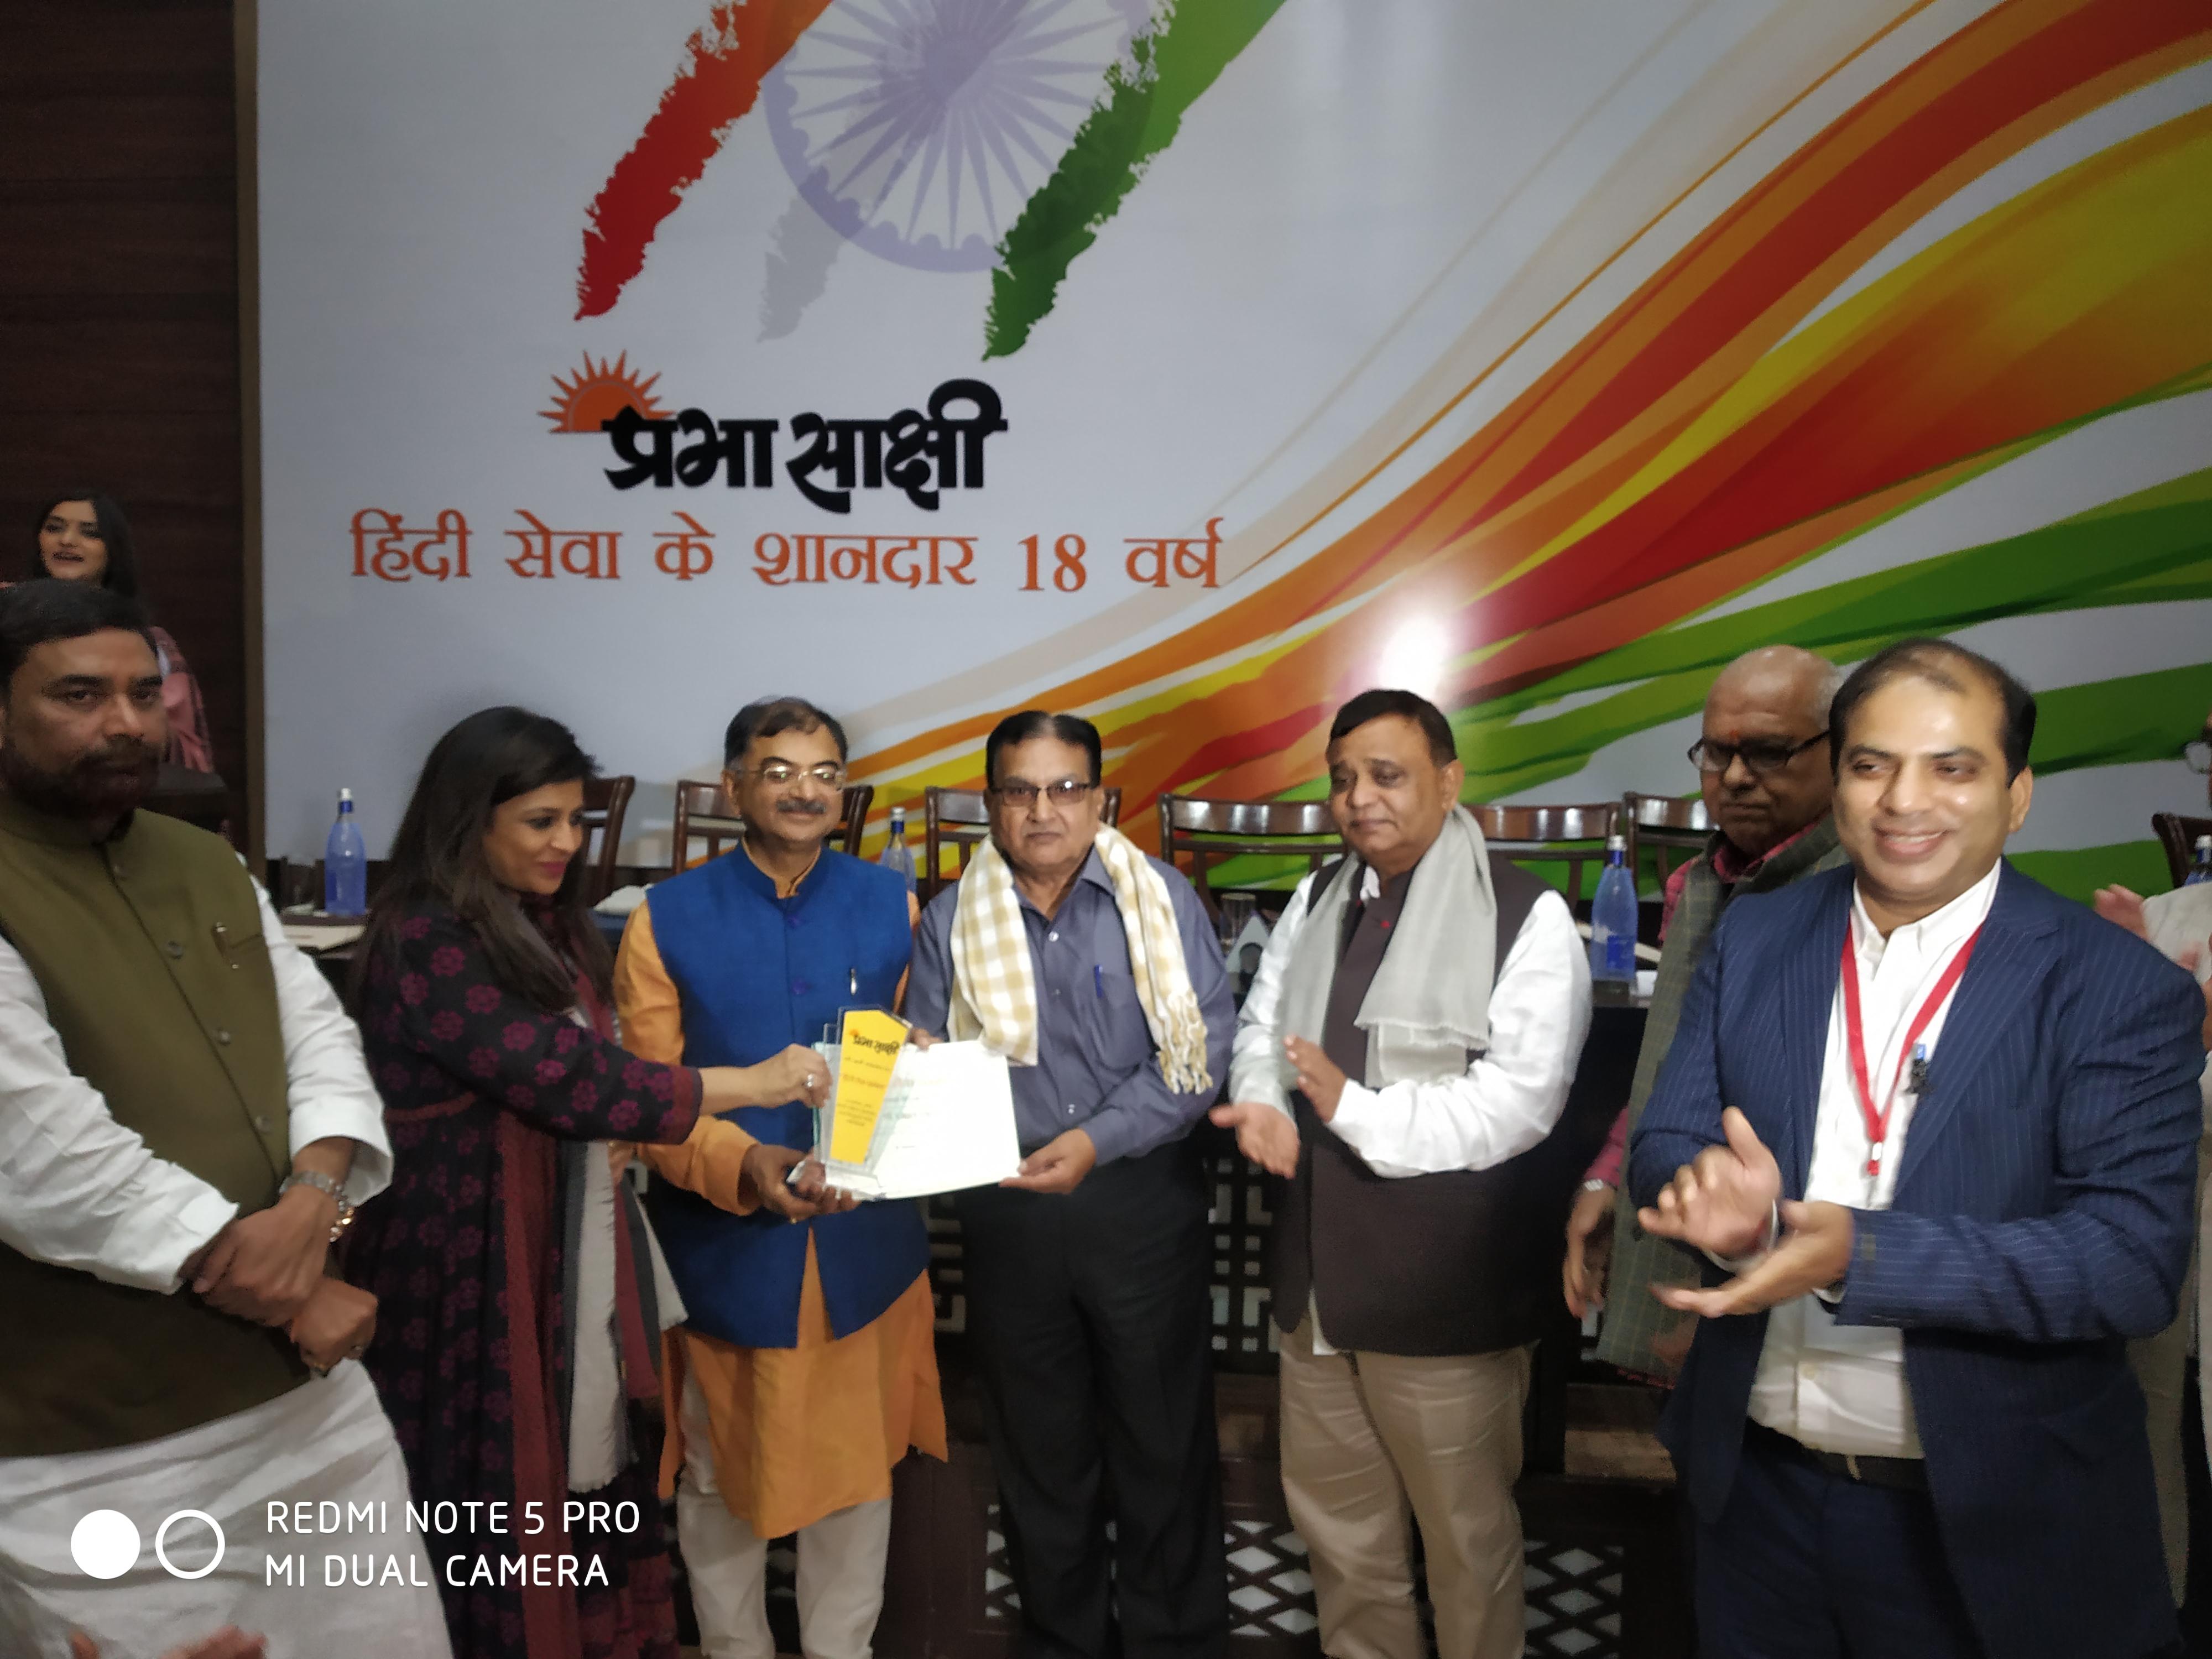 डॉ. प्रभात सिंघल दिल्ली में हिन्दी सेवा सम्मान से सम्मामनित